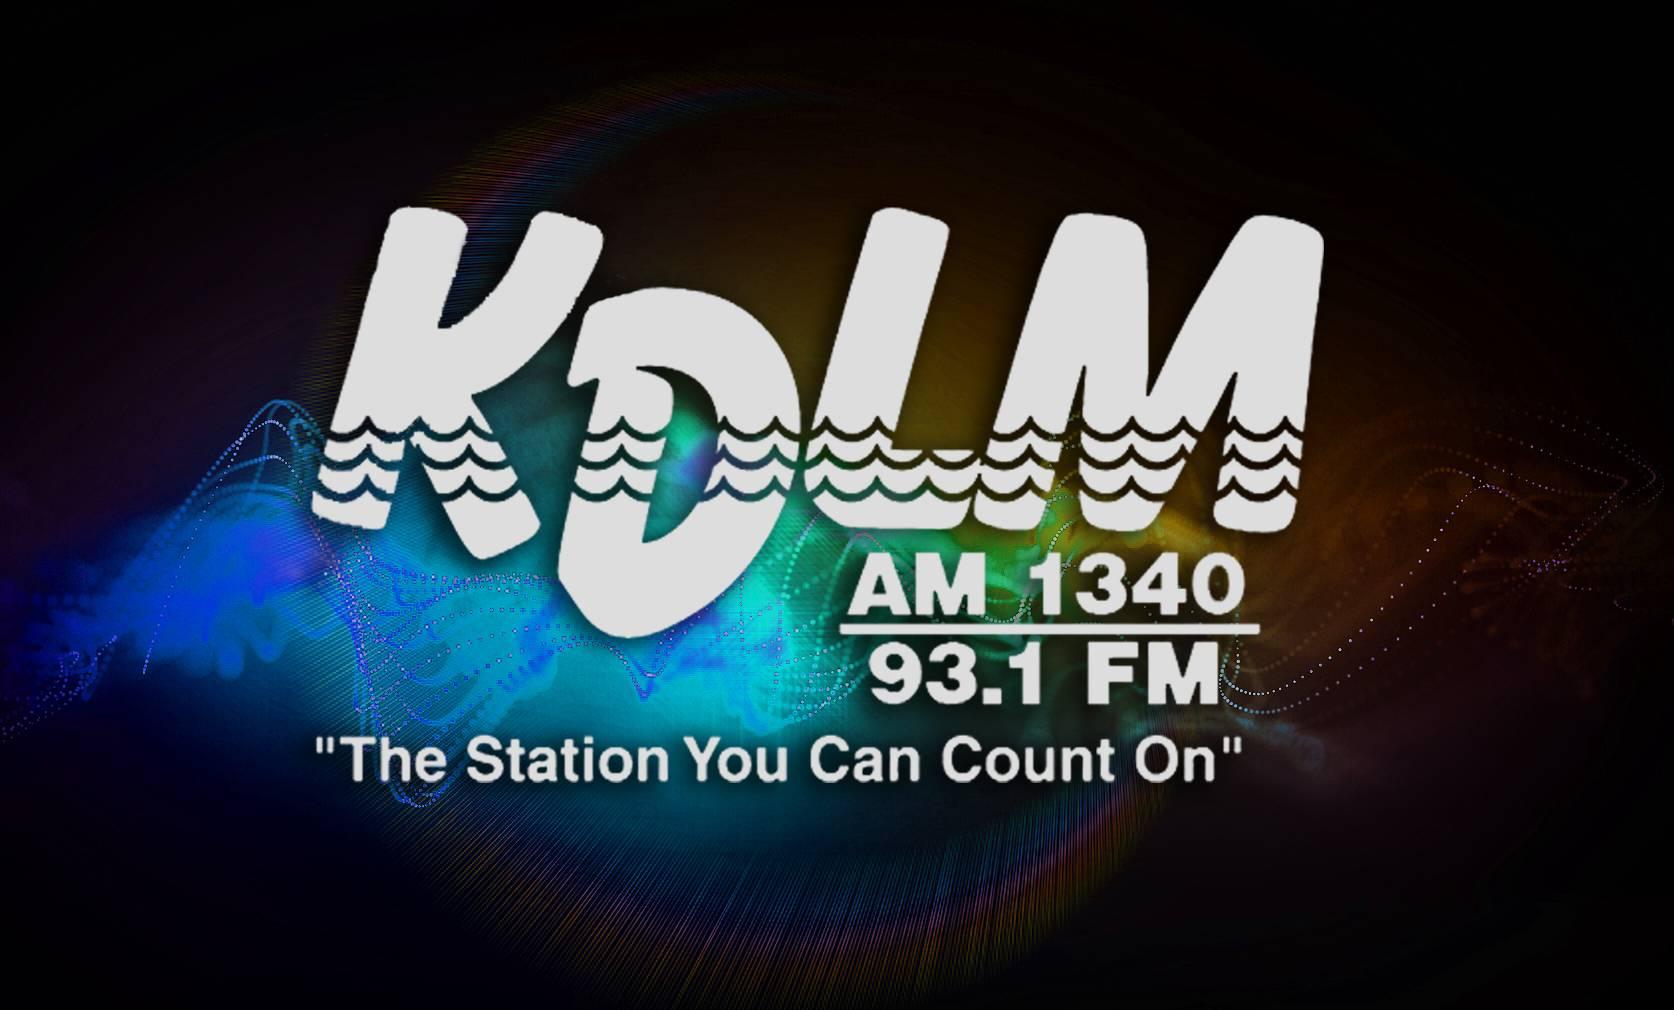 KDLM radio station